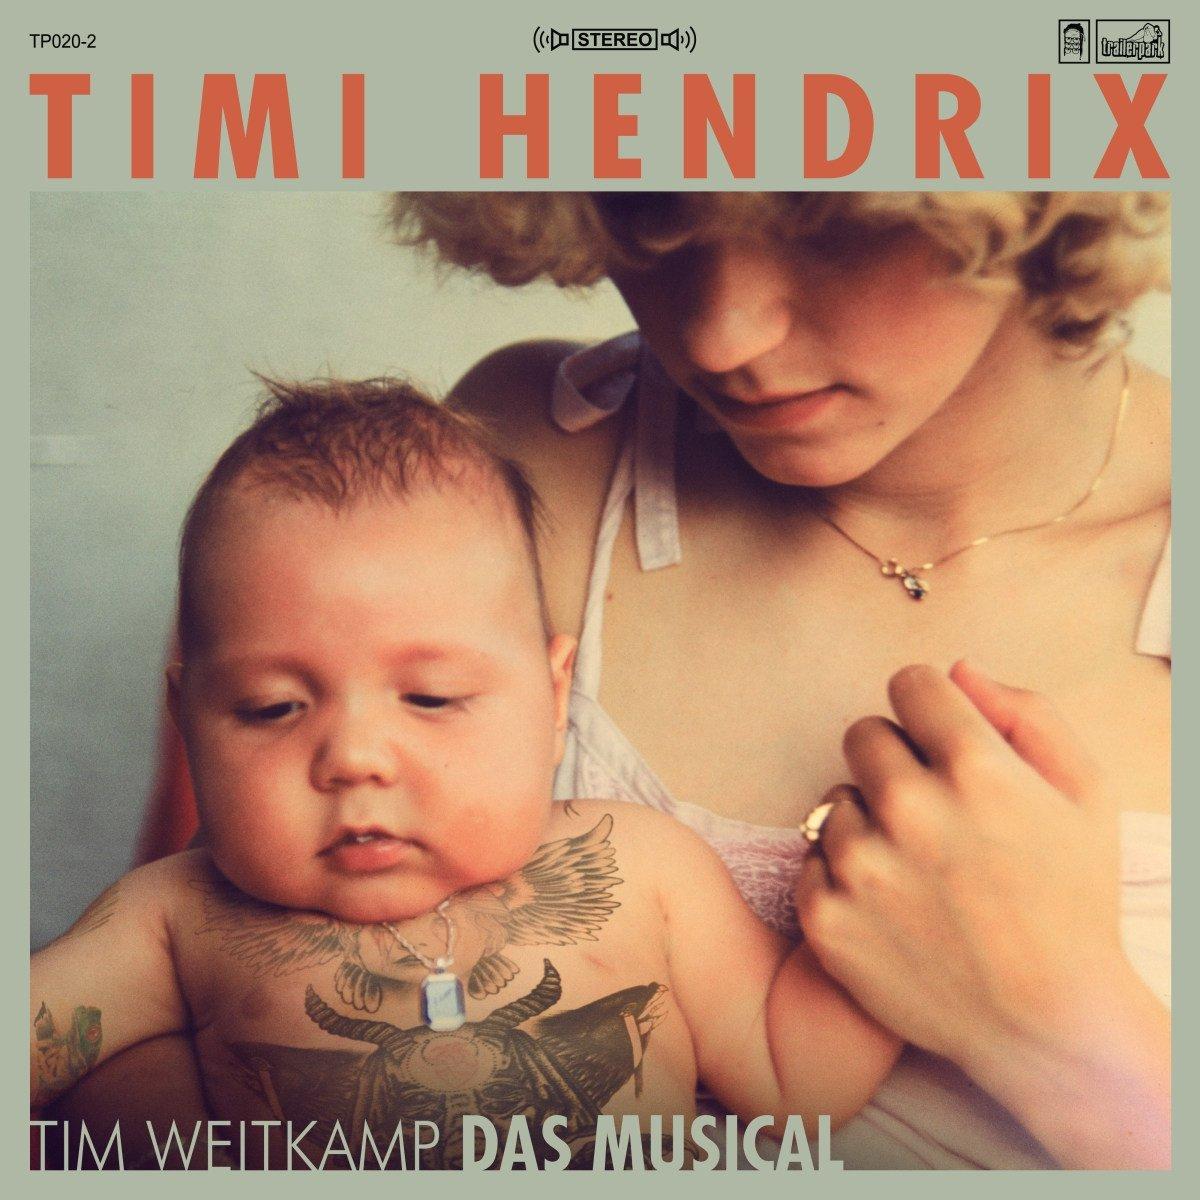 Timi Hendrix  - Tim Weidkamp Das Musical (2x grüne Vinyl + Bonus-CD)